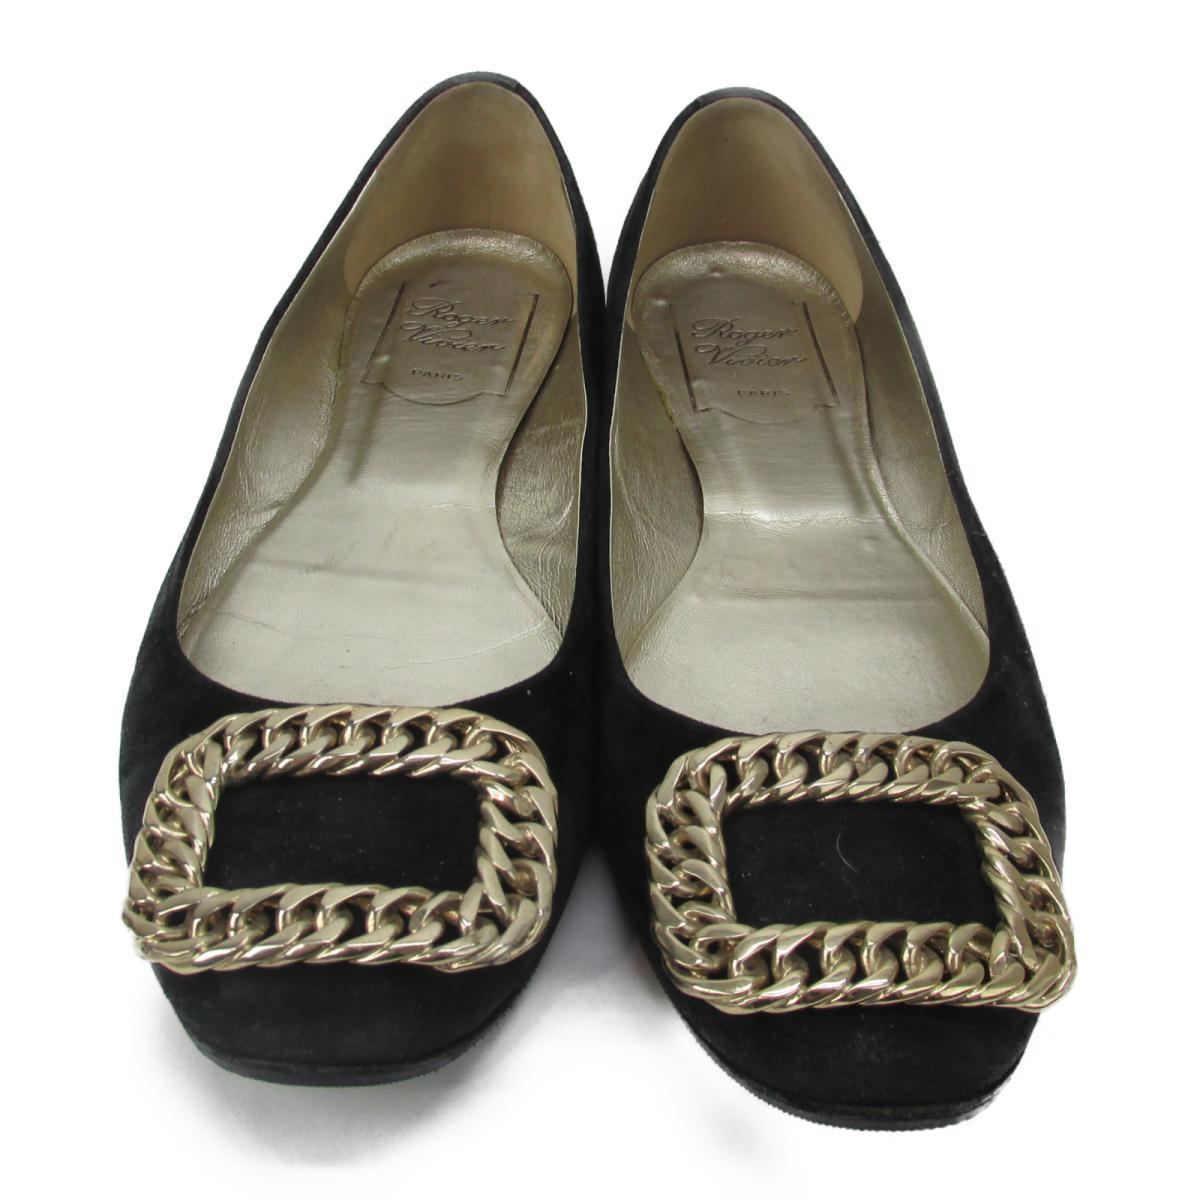 【中古】 セレクション roger vivier パンプス レディース スエード ブラック | SELECTION くつ 靴 roger vivier パンプス 美品 ブランドオフ